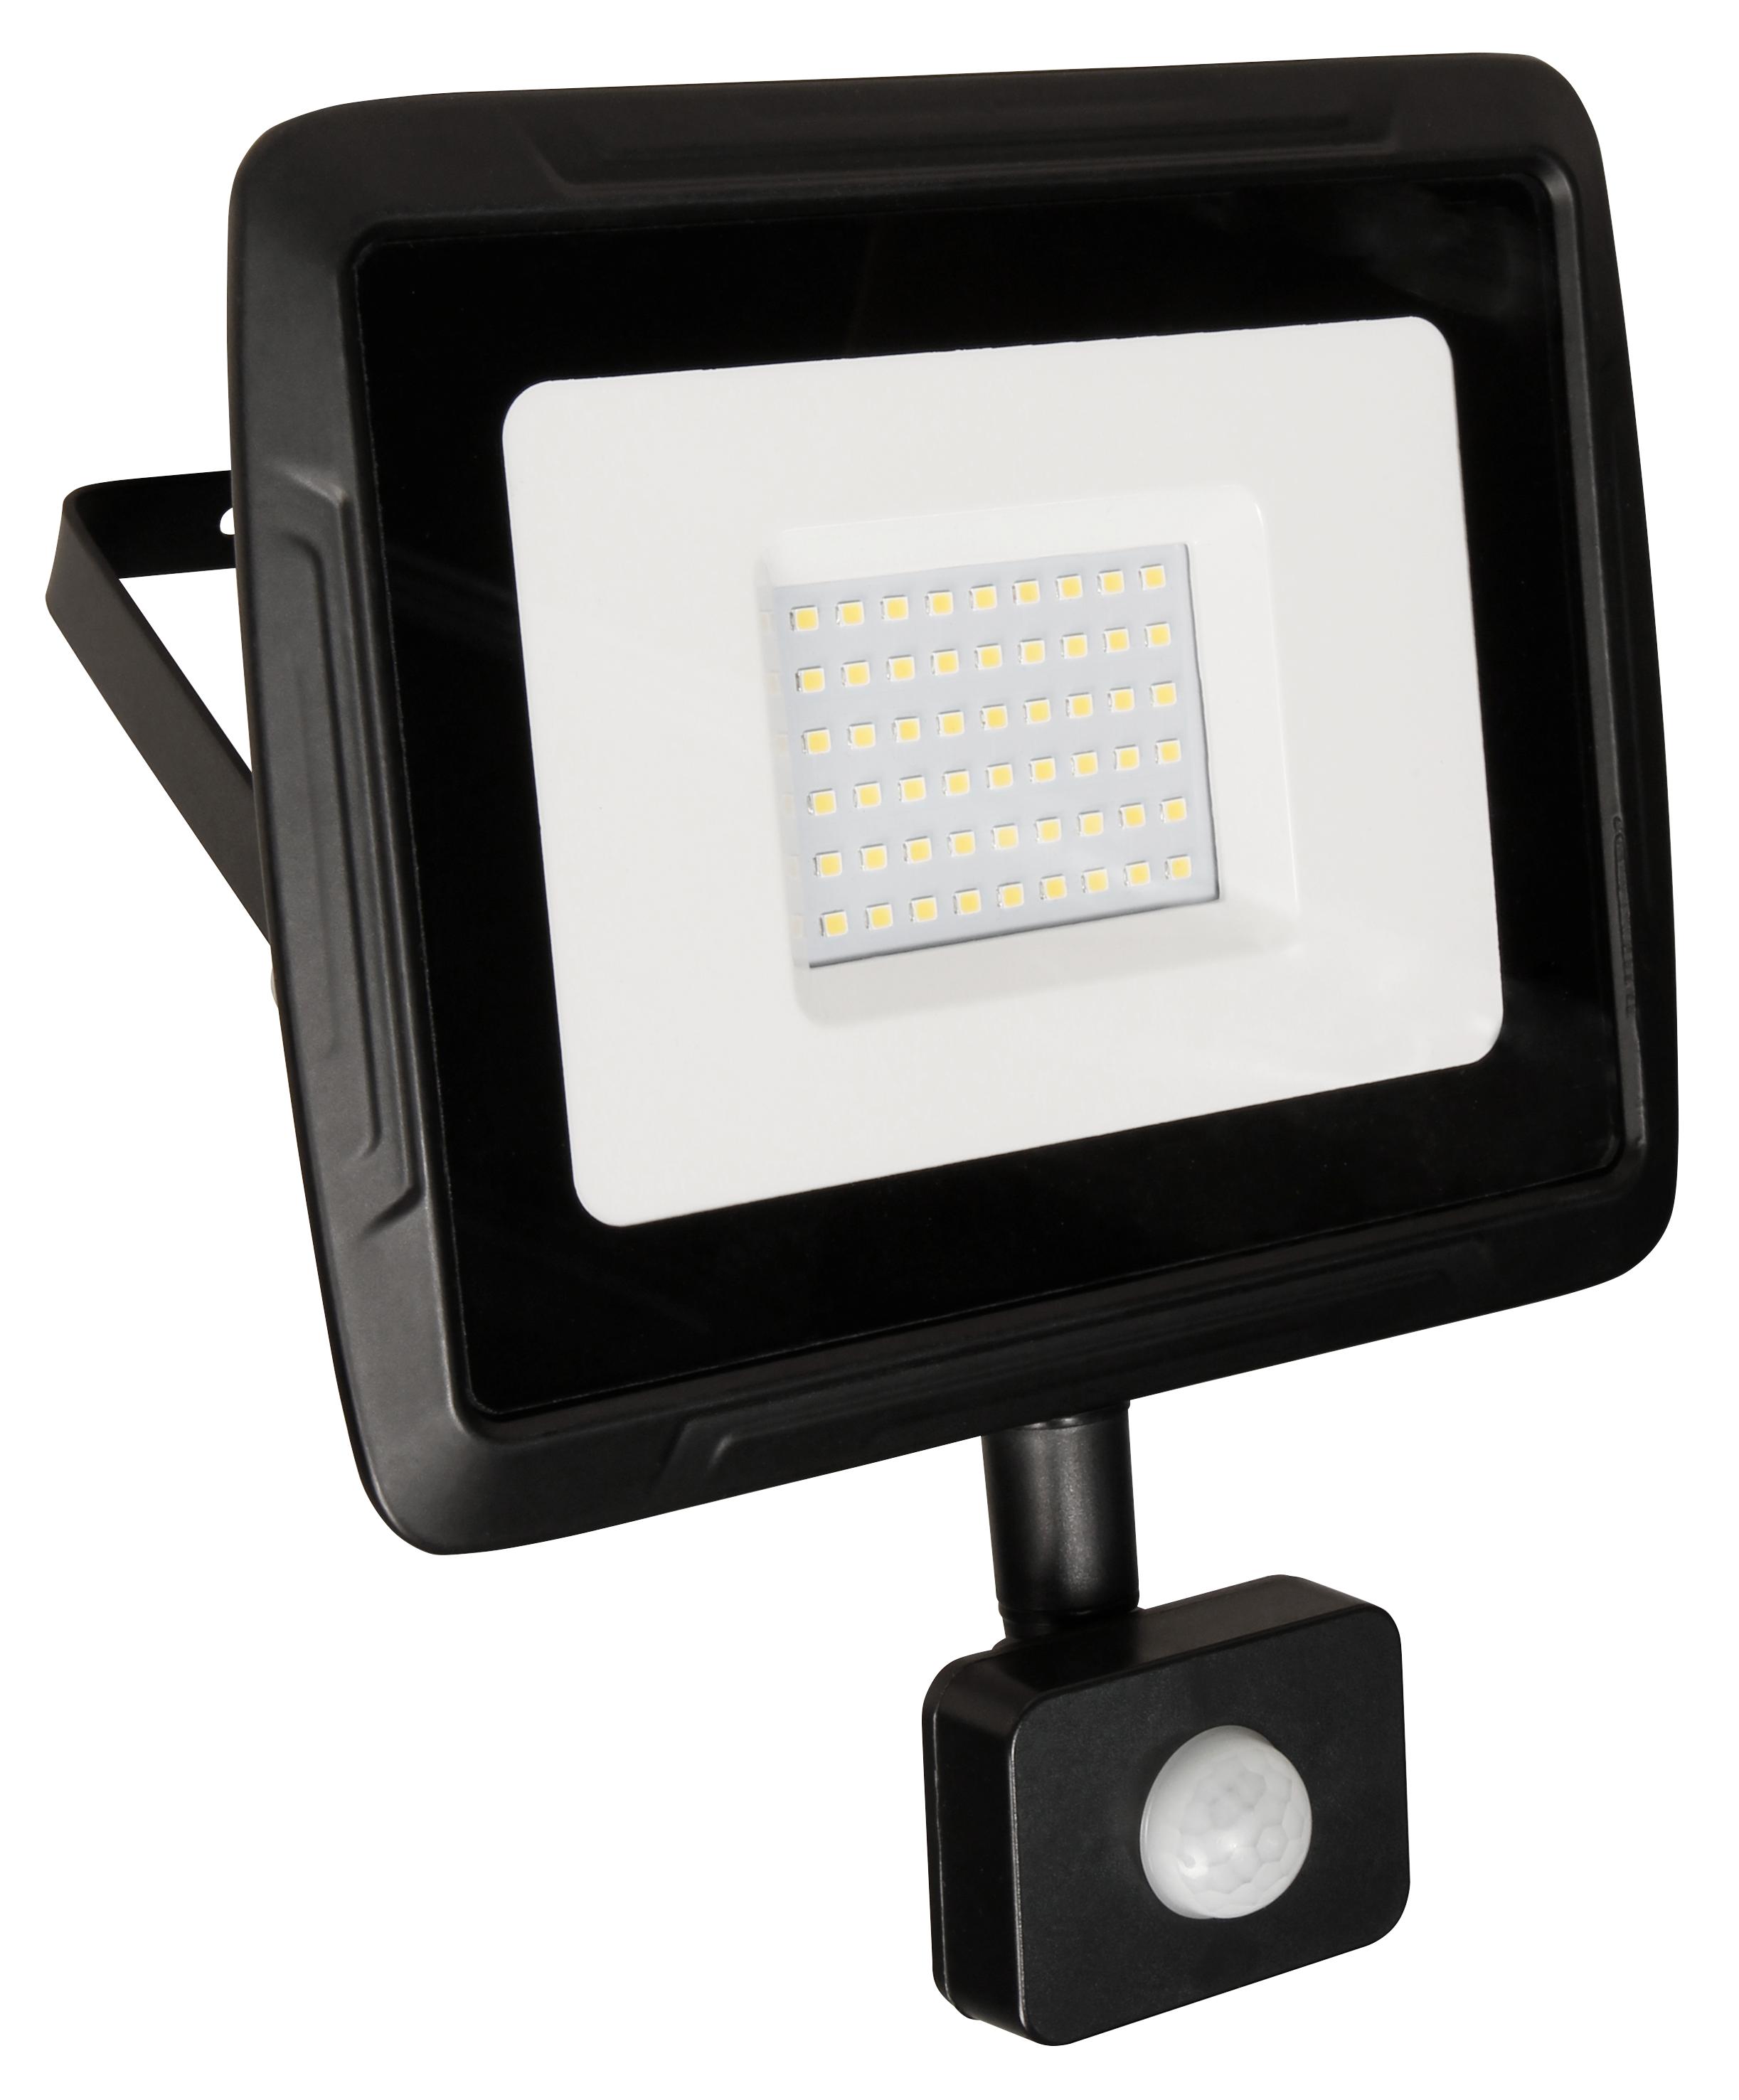 LED-Außenstrahler McShine ''Super-Slim'' 50W, 3500lm, 4000K, IP44, Bewegungsmelder